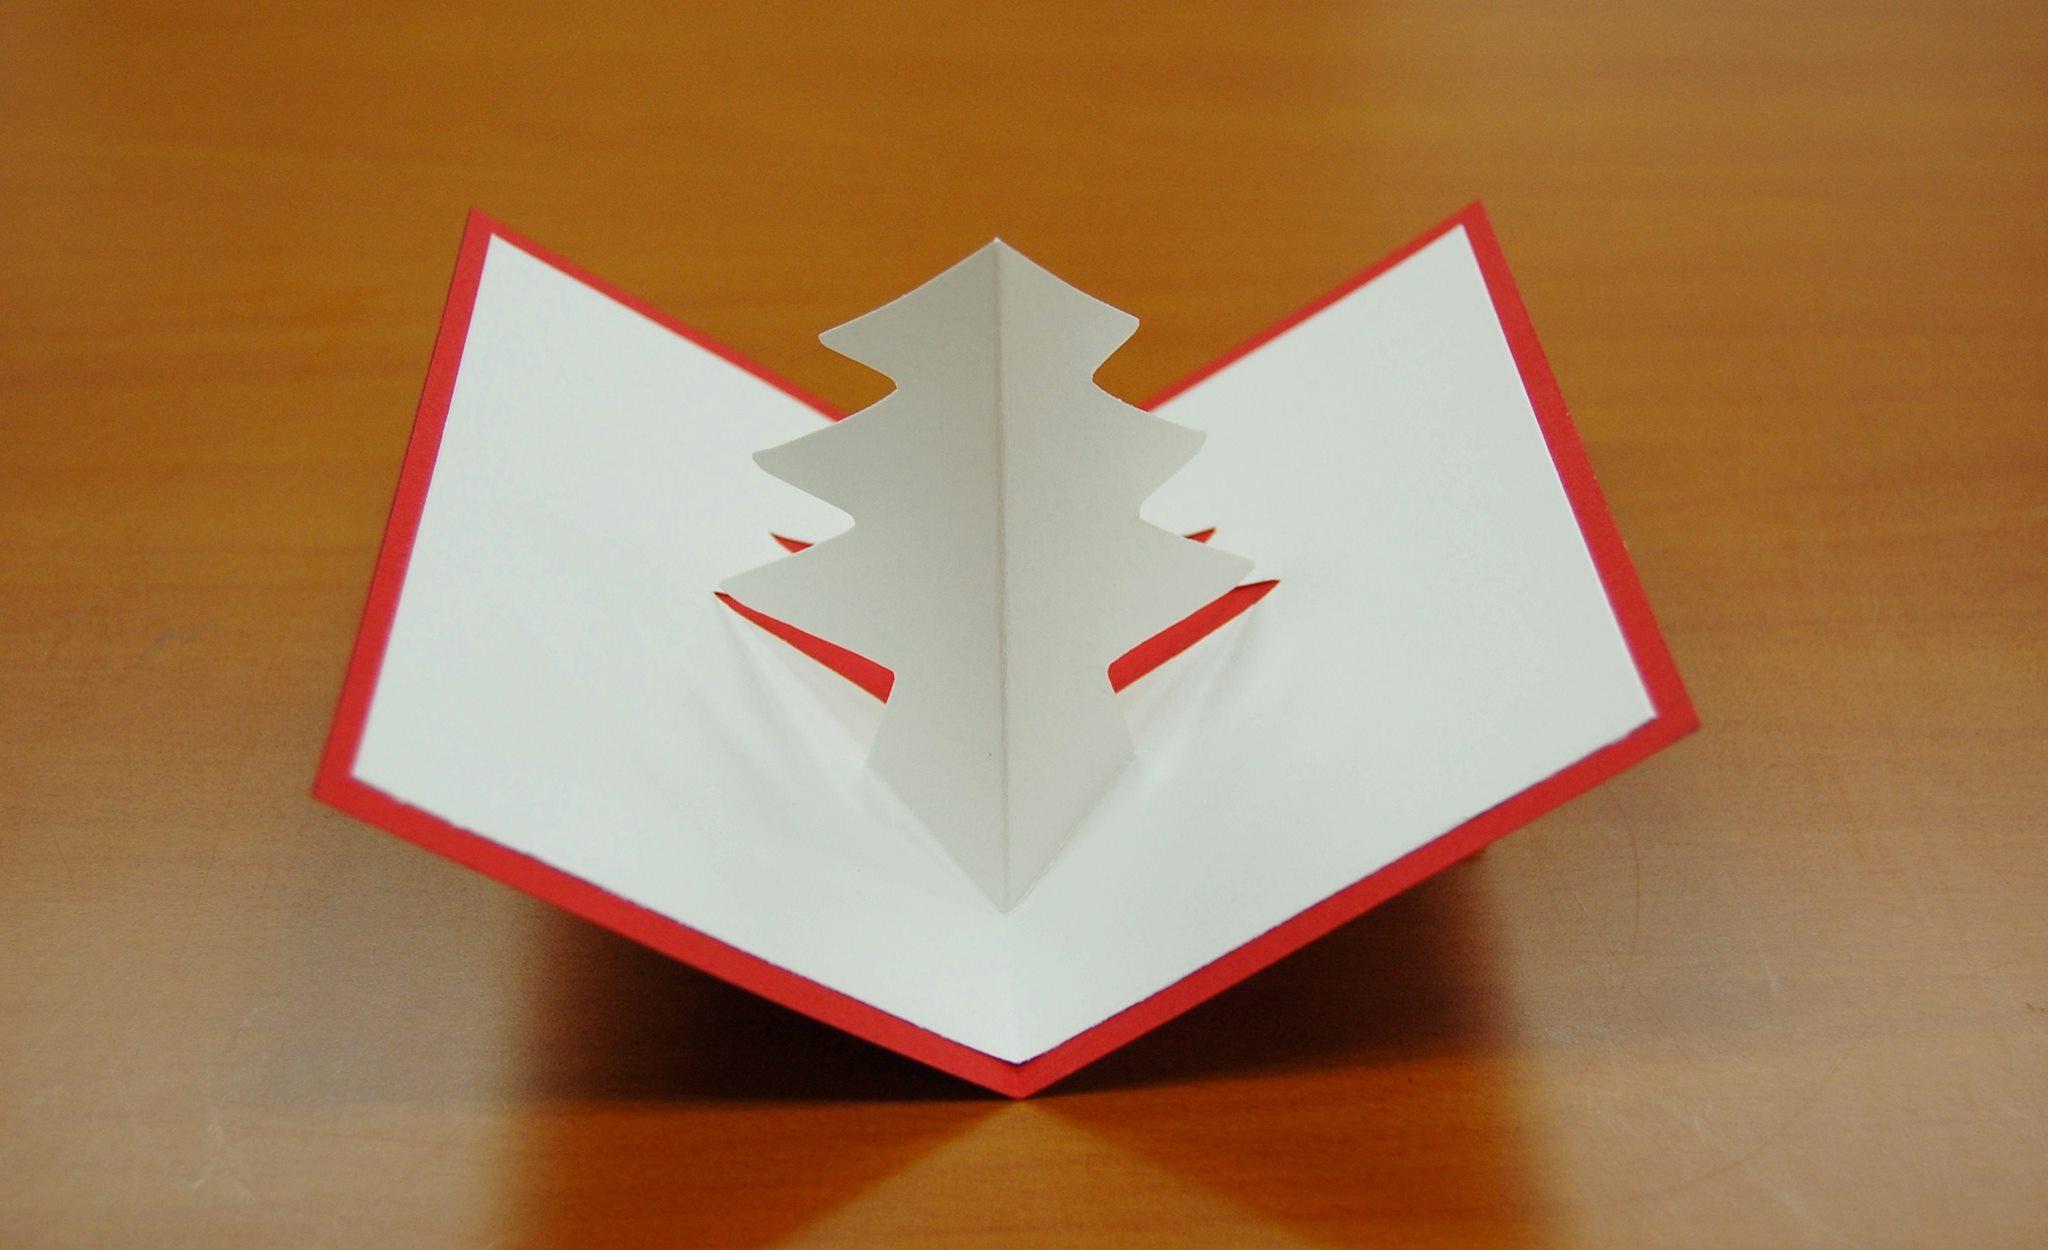 日本キリスト改革派八事教会 2013年子どもクリスマス会 工作「飛び出すクリスマスカード作り」